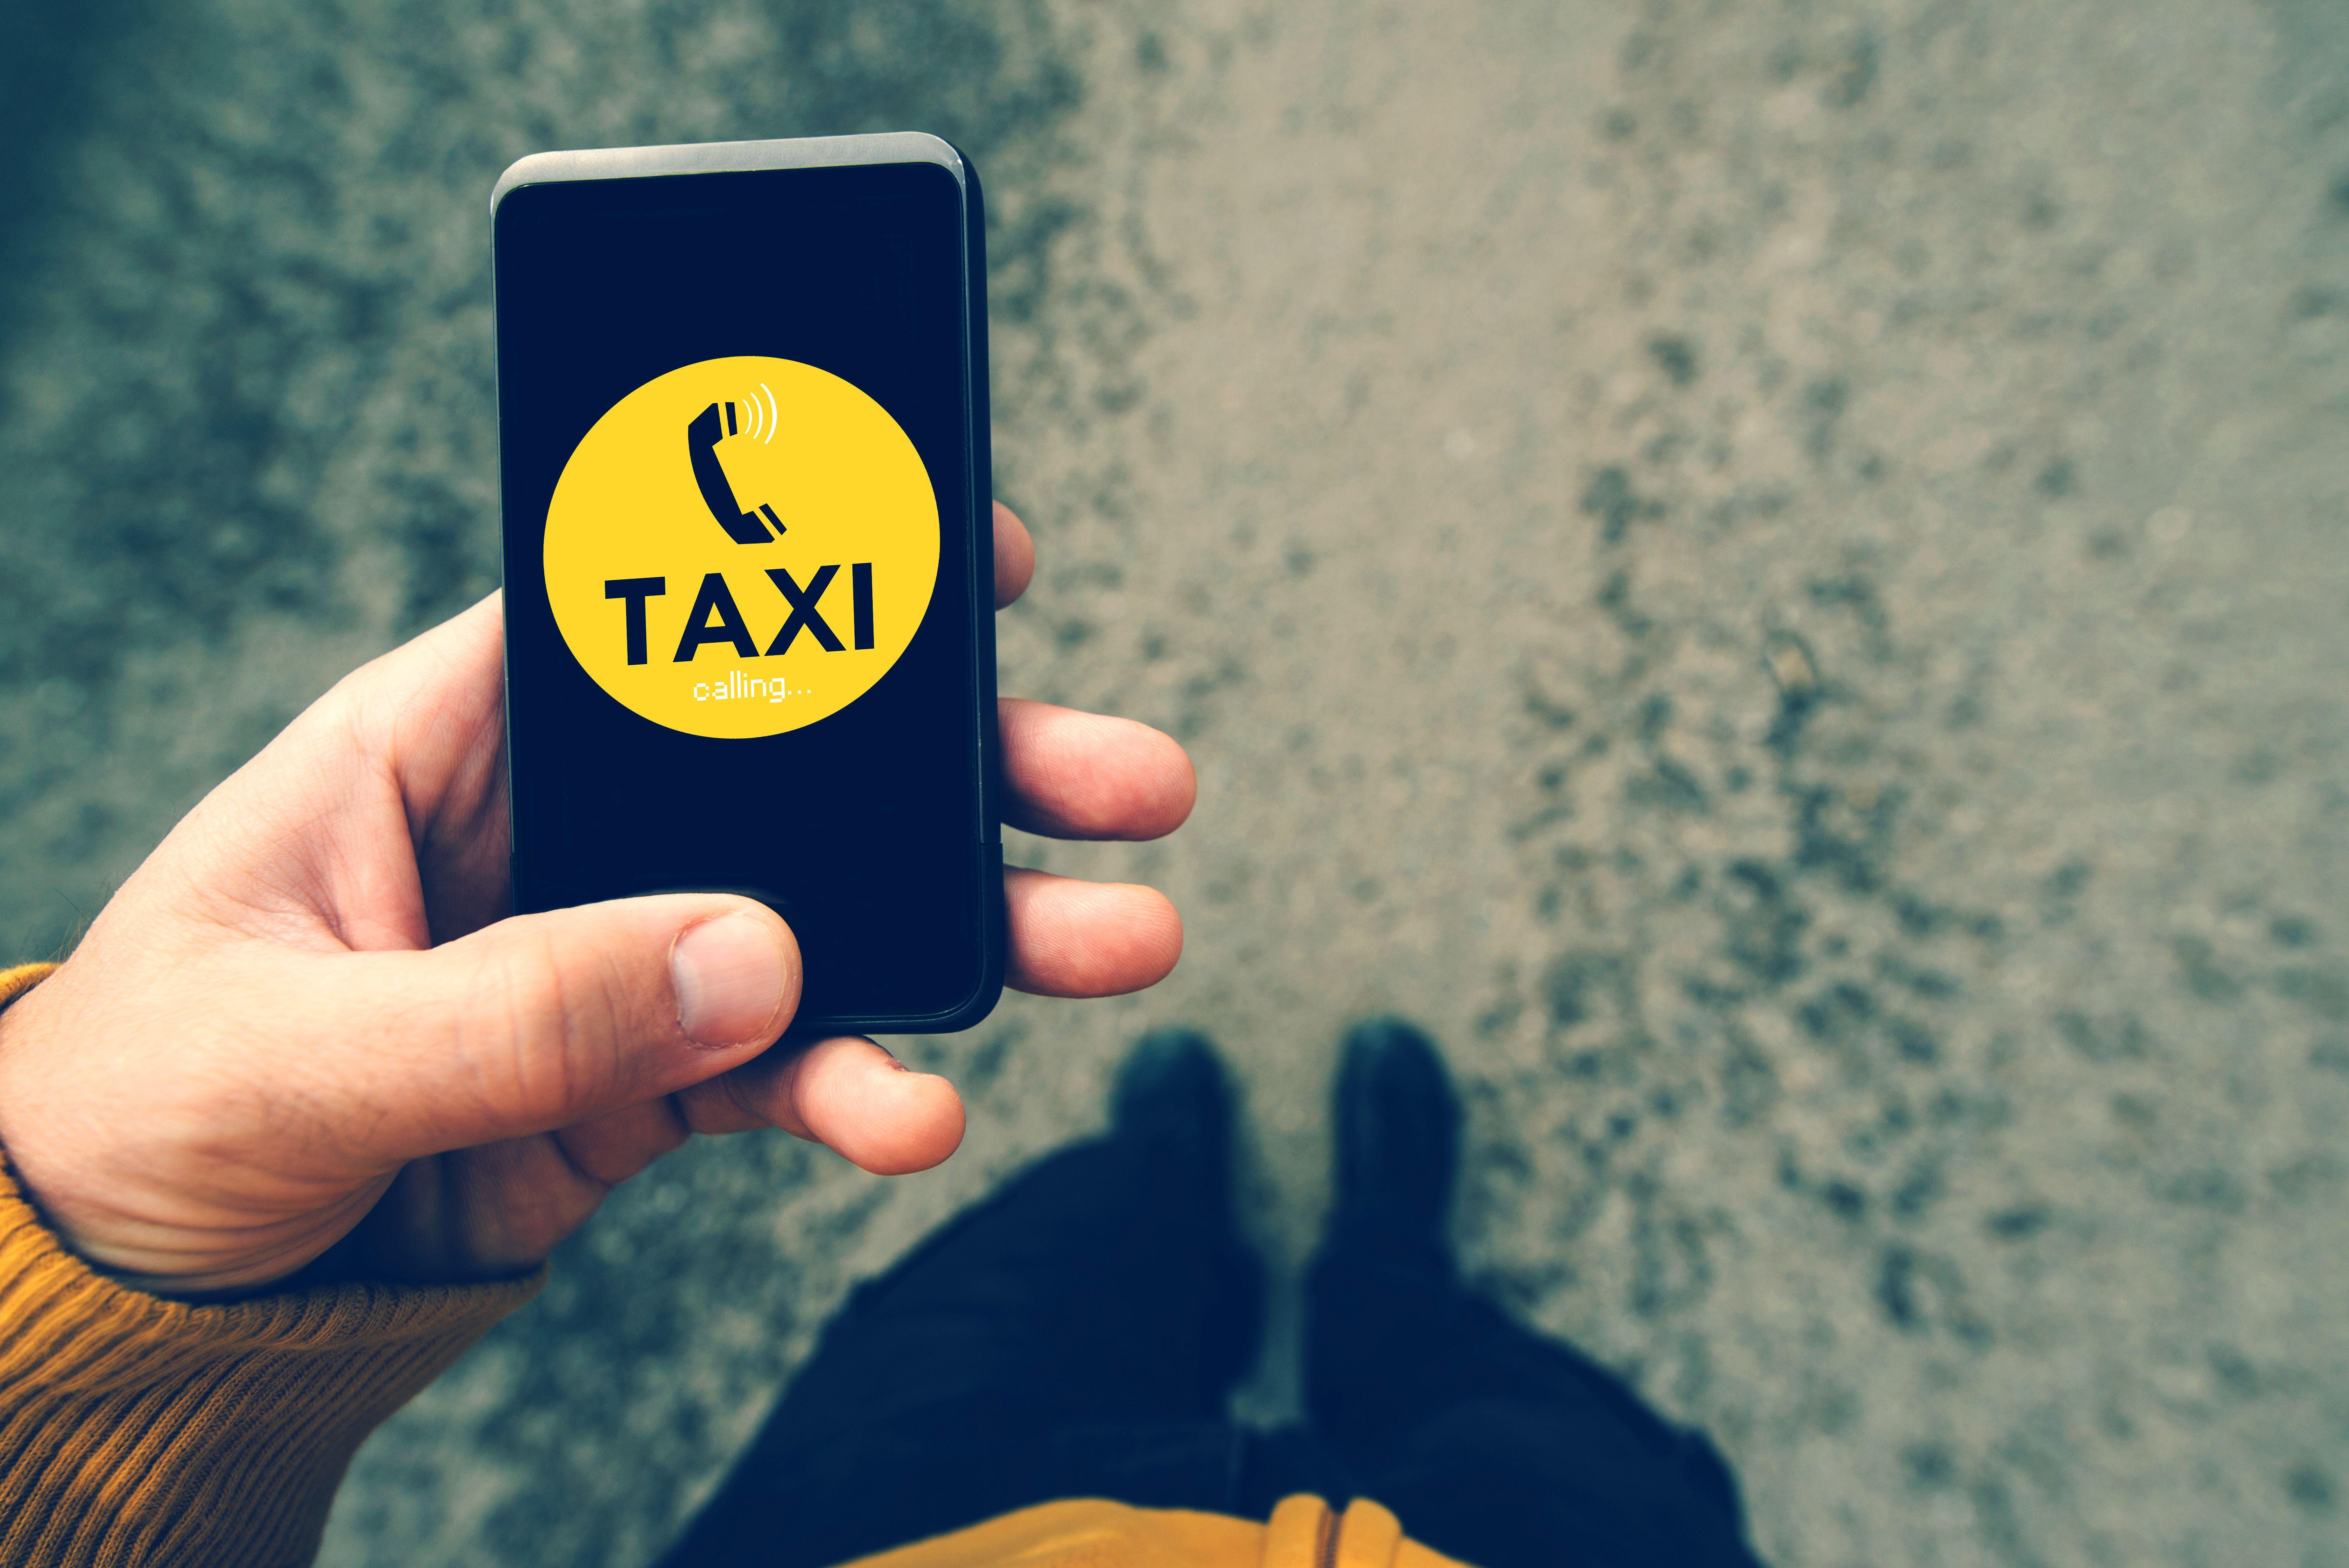 Servicio de taxi: Coches Km 0 y de ocasión de Automoció Bertran S L